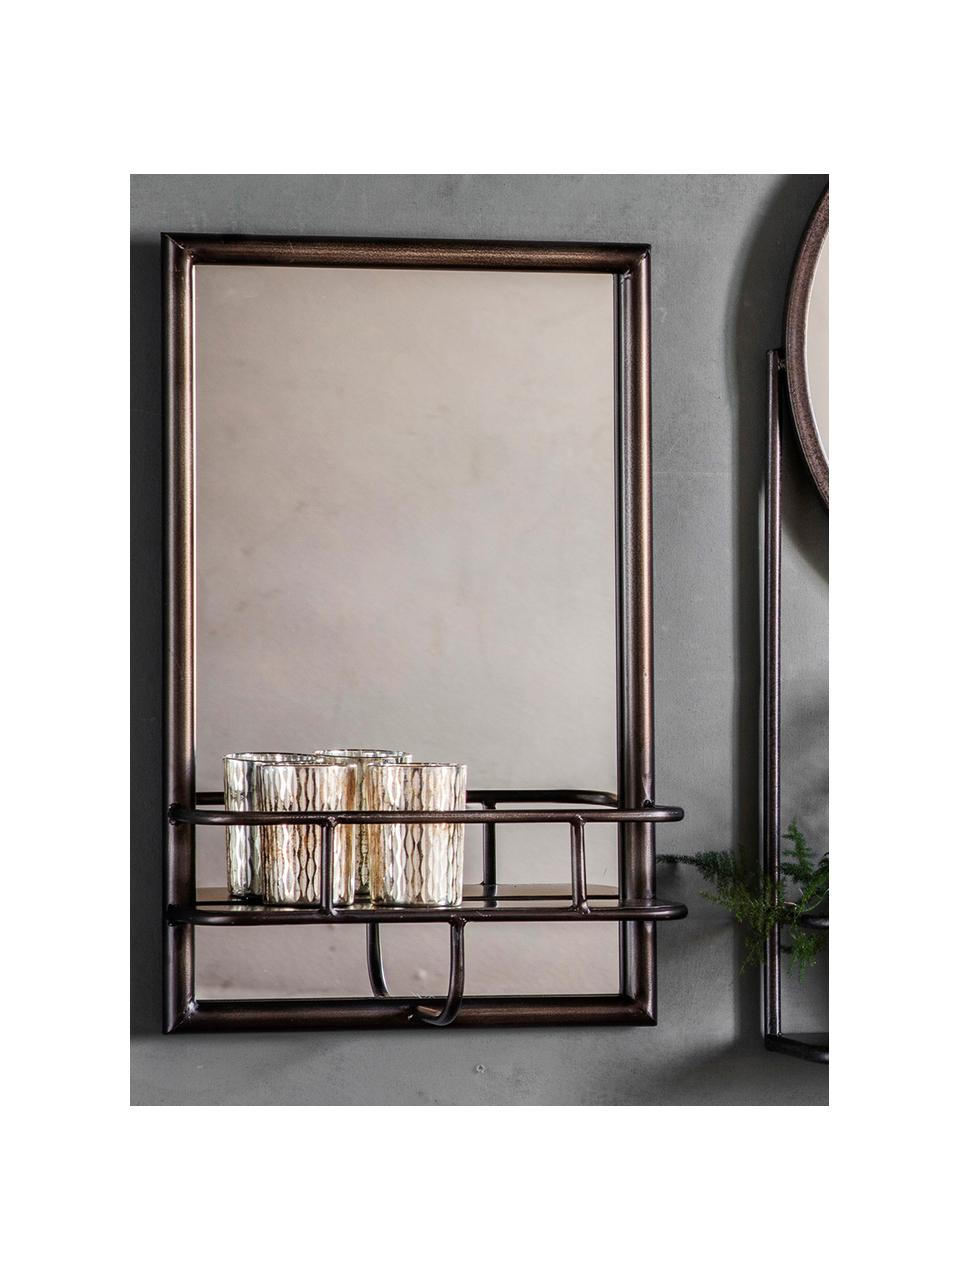 Specchio da parete con vano contenitore Milton, Cornice: metallo verniciato, Superficie dello specchio: lastra di vetro, Nero, Larg. 30 x Alt. 48 cm